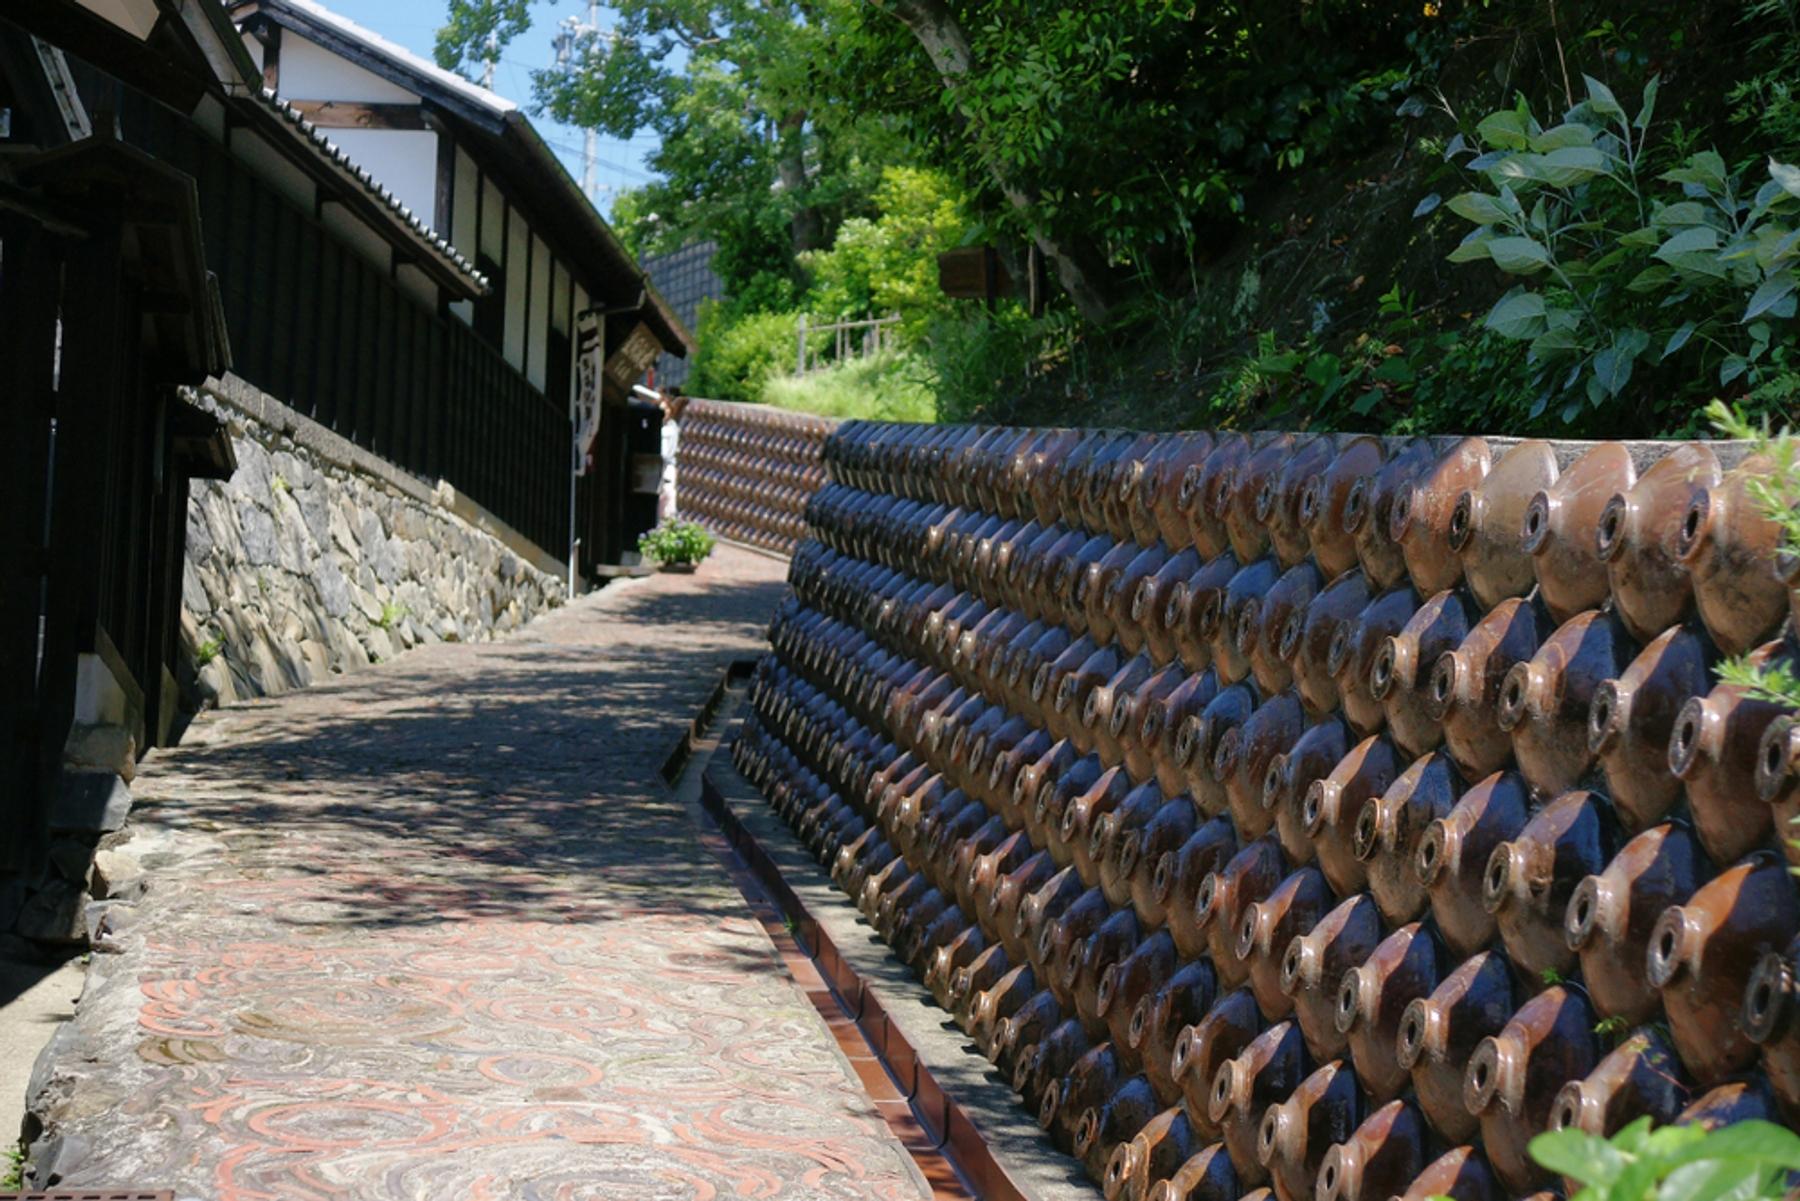 愛知県 陶器の瓶が壁に埋め込まれた風情のある坂道